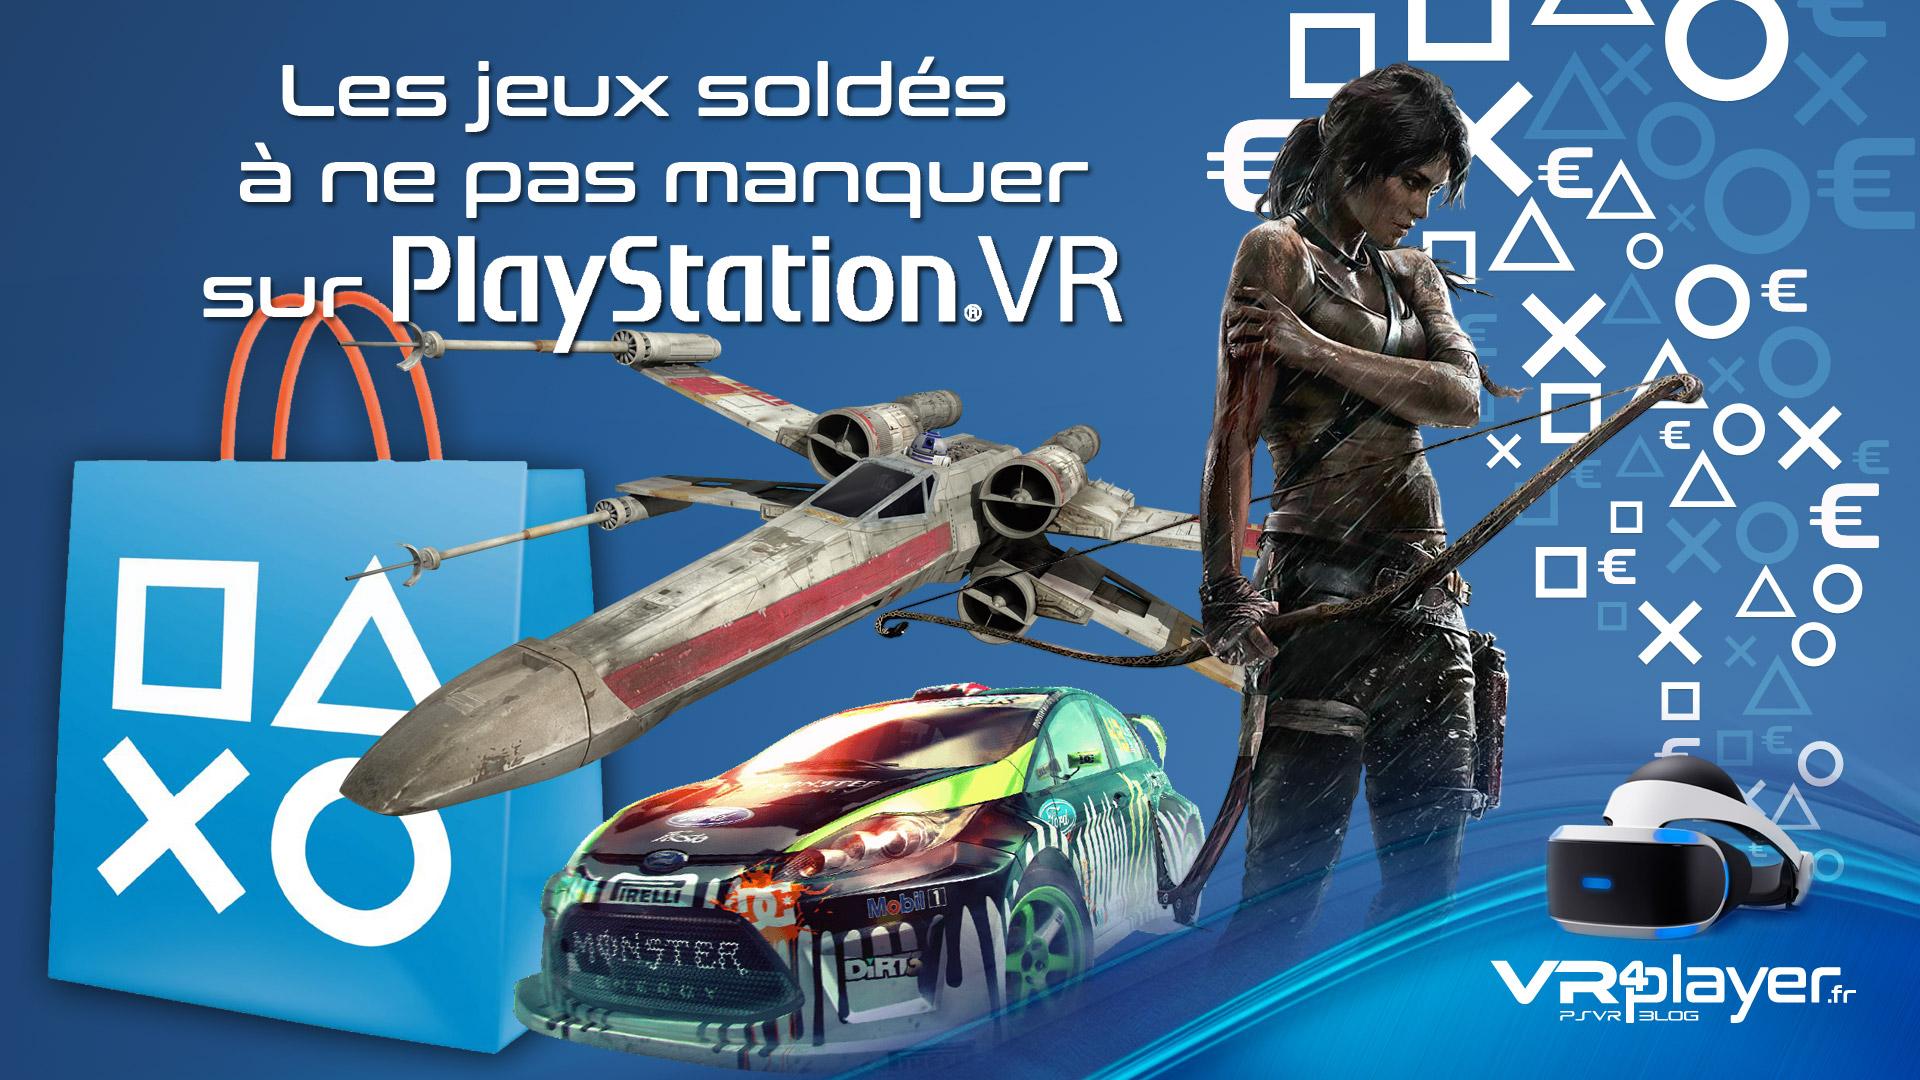 les soldes PSVR à moins de 15 euros vr4player.fr